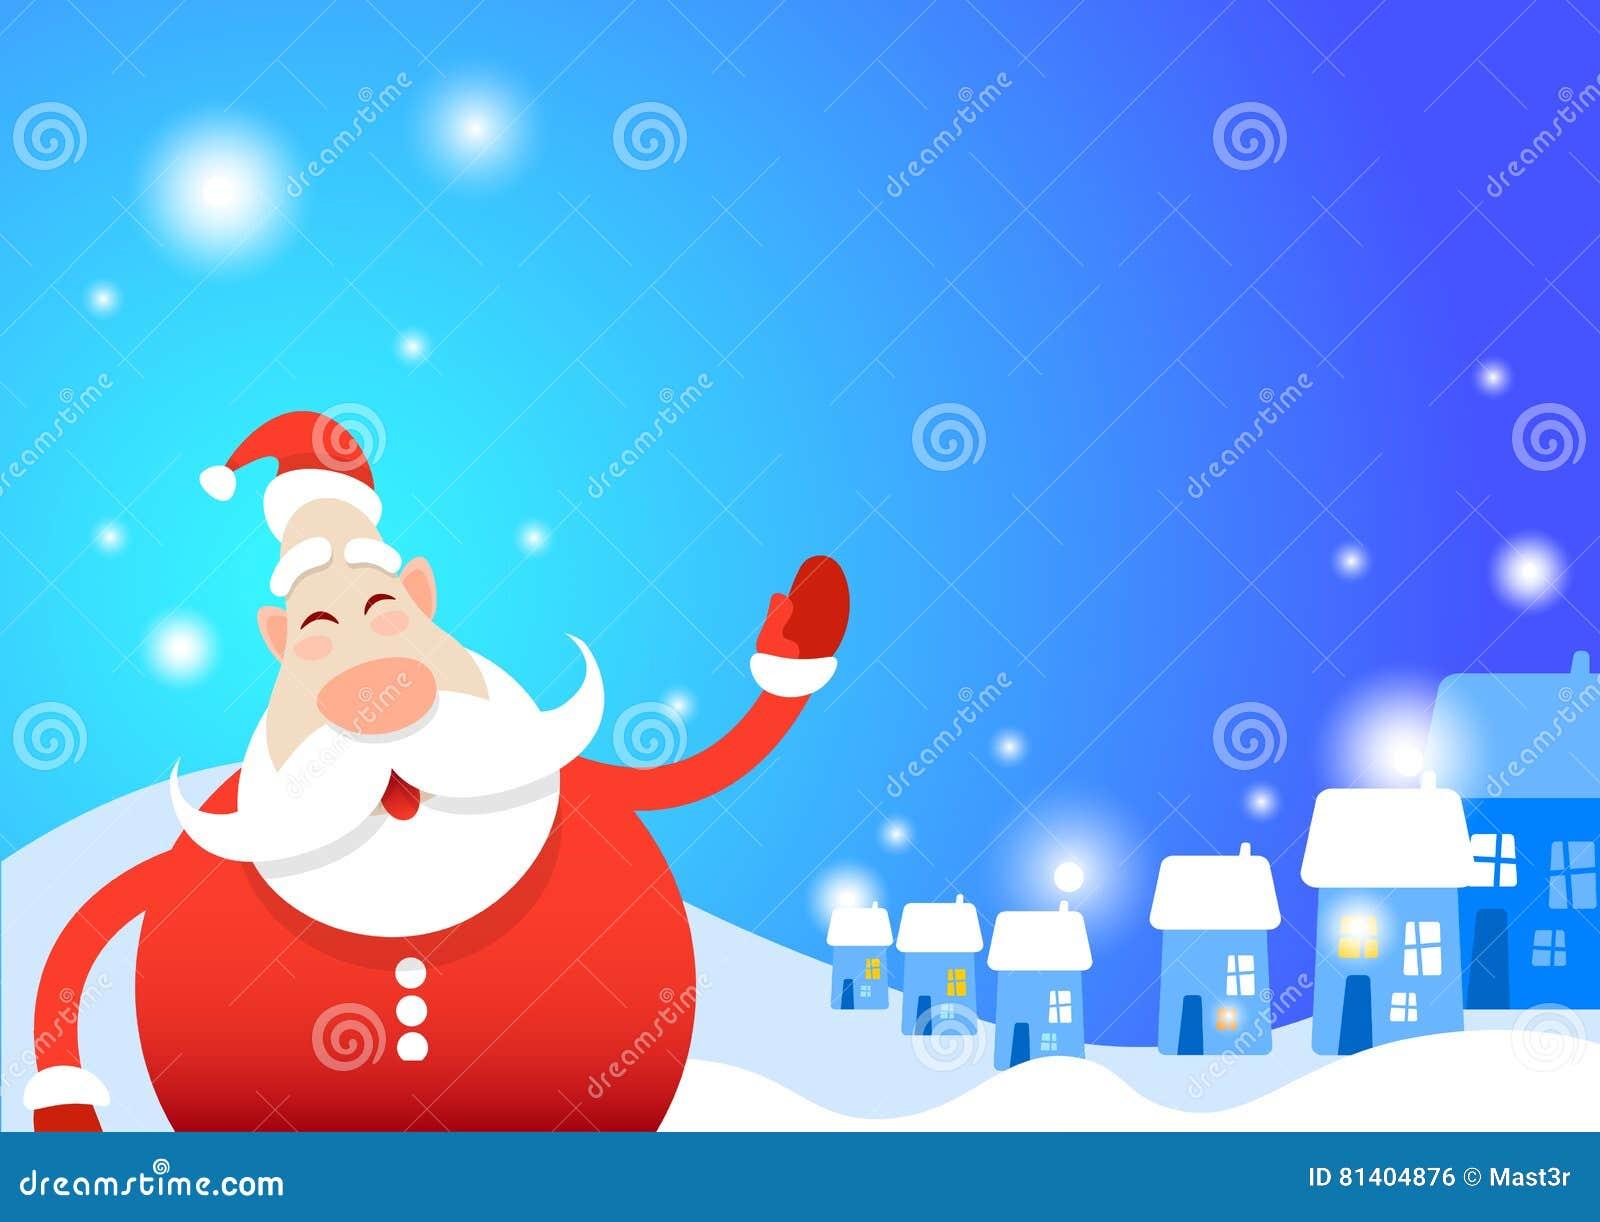 Bandeira do cartão do Feliz Natal do ano novo feliz de Santa Clause Snowy House Village